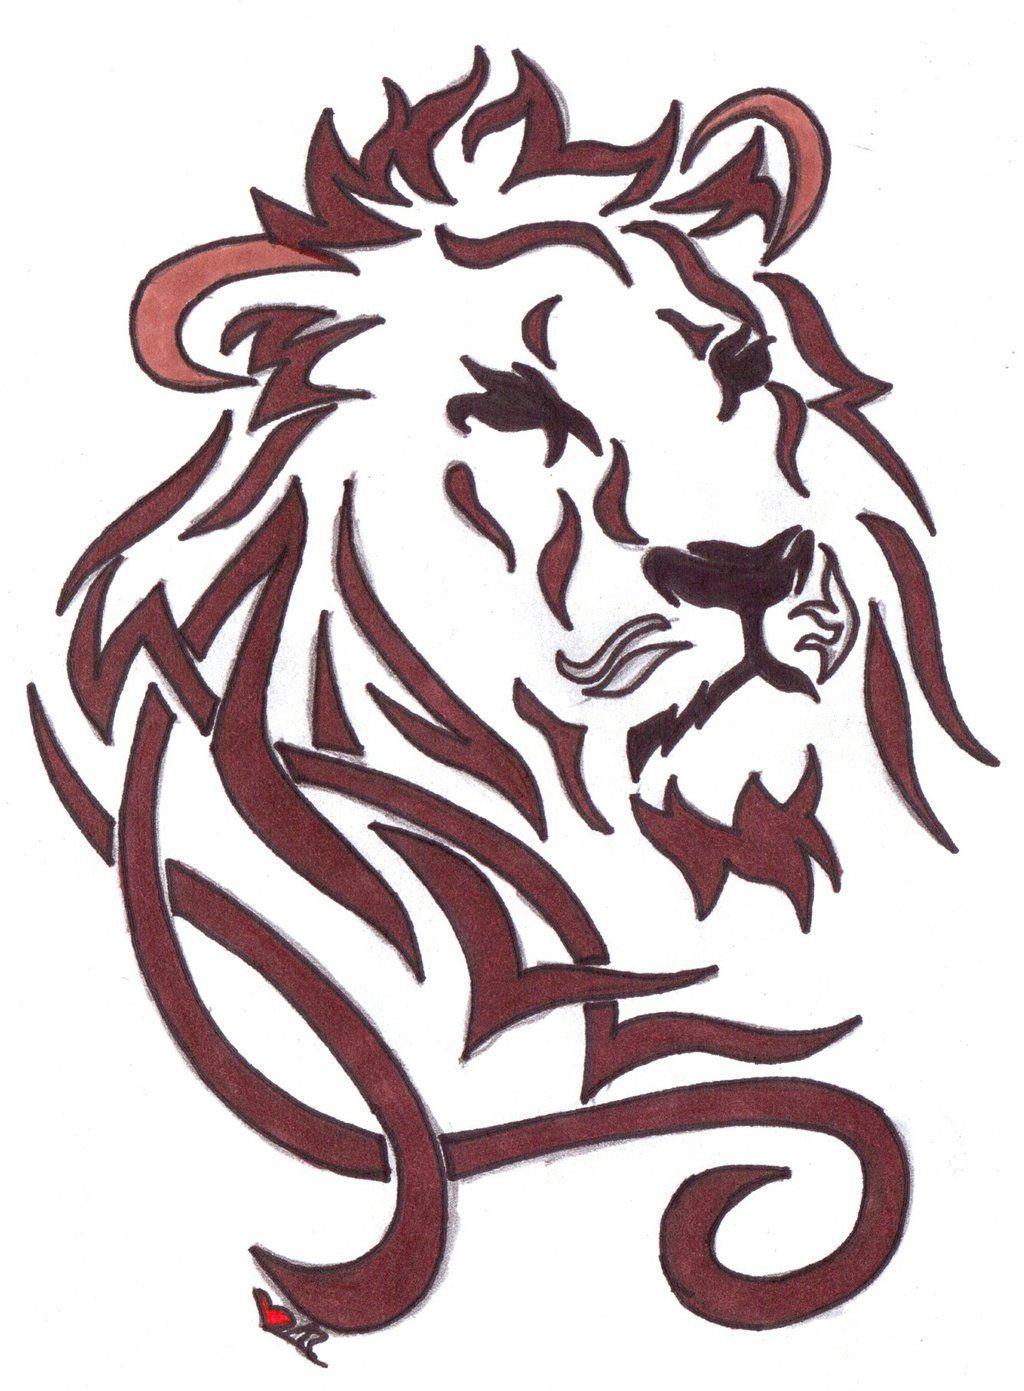 dbb6324ca Wonderful Tribal Lion Head Tattoo Design | Art | Lion head tattoos ...